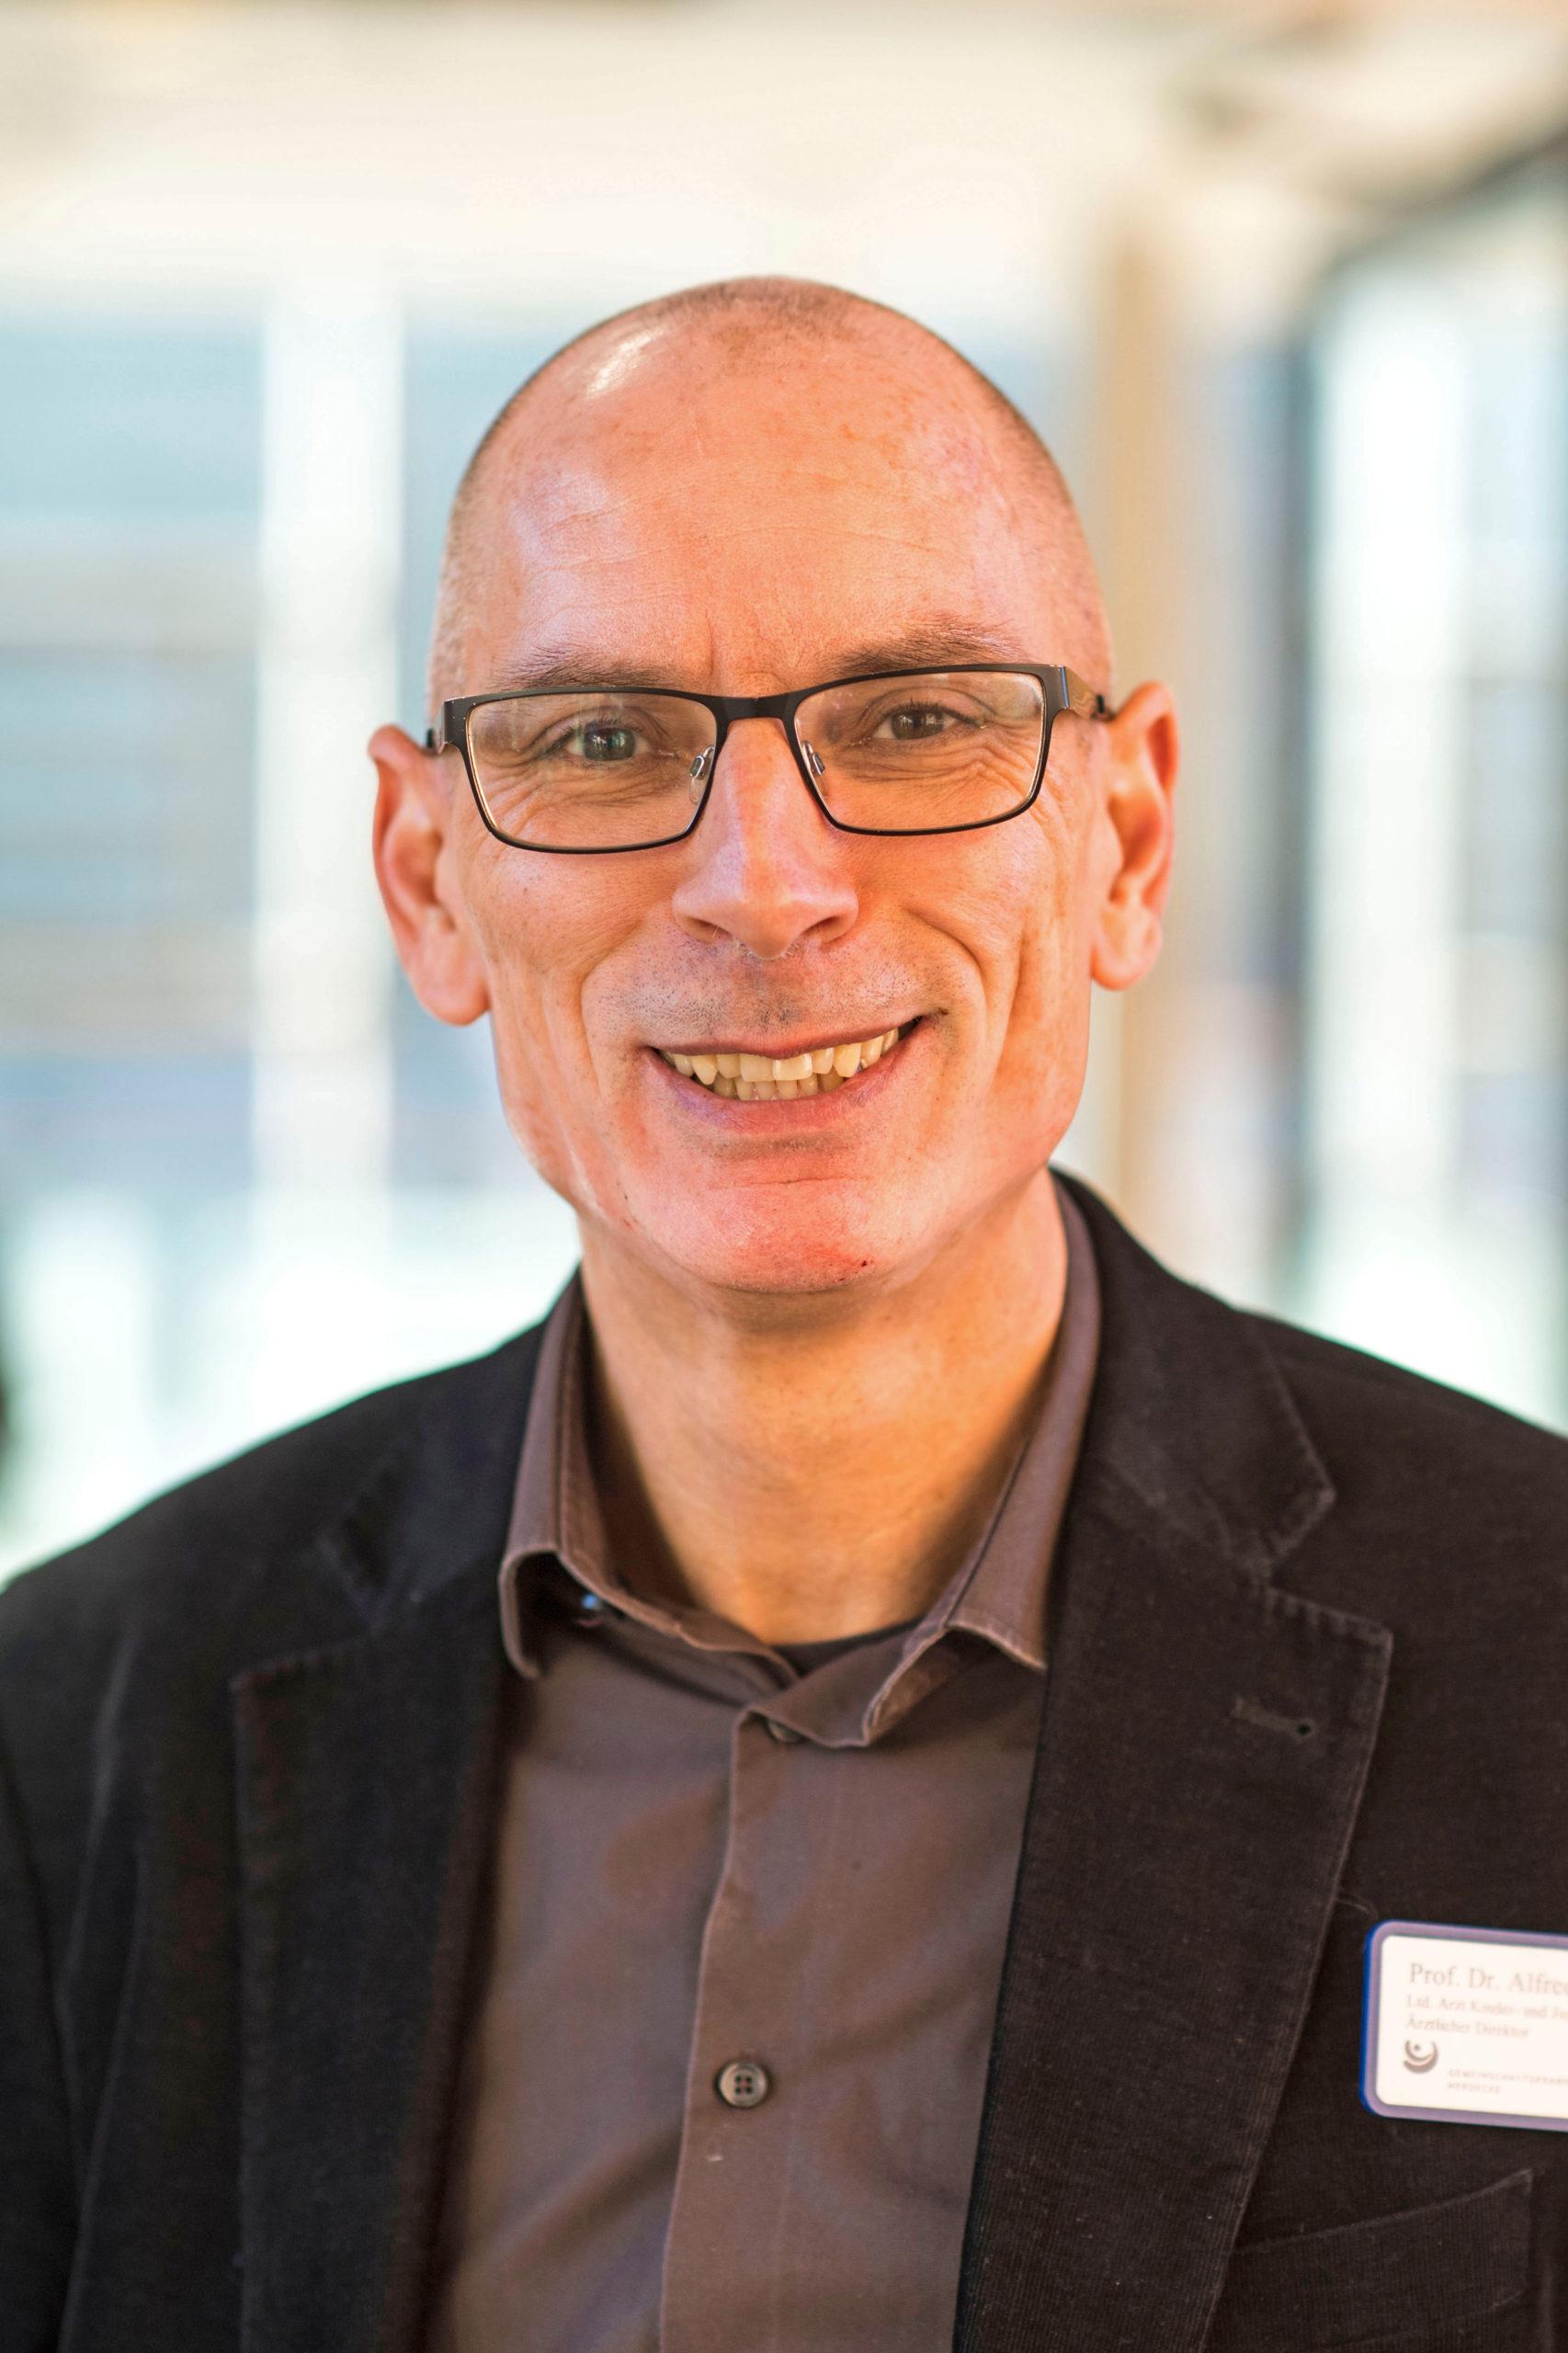 Facharzt für Kinder- und Jugendmedizin, Prof. Dr. med. Alfred Längler - Ganzheitlich gegen Allergien - Anthroposophische Medizin